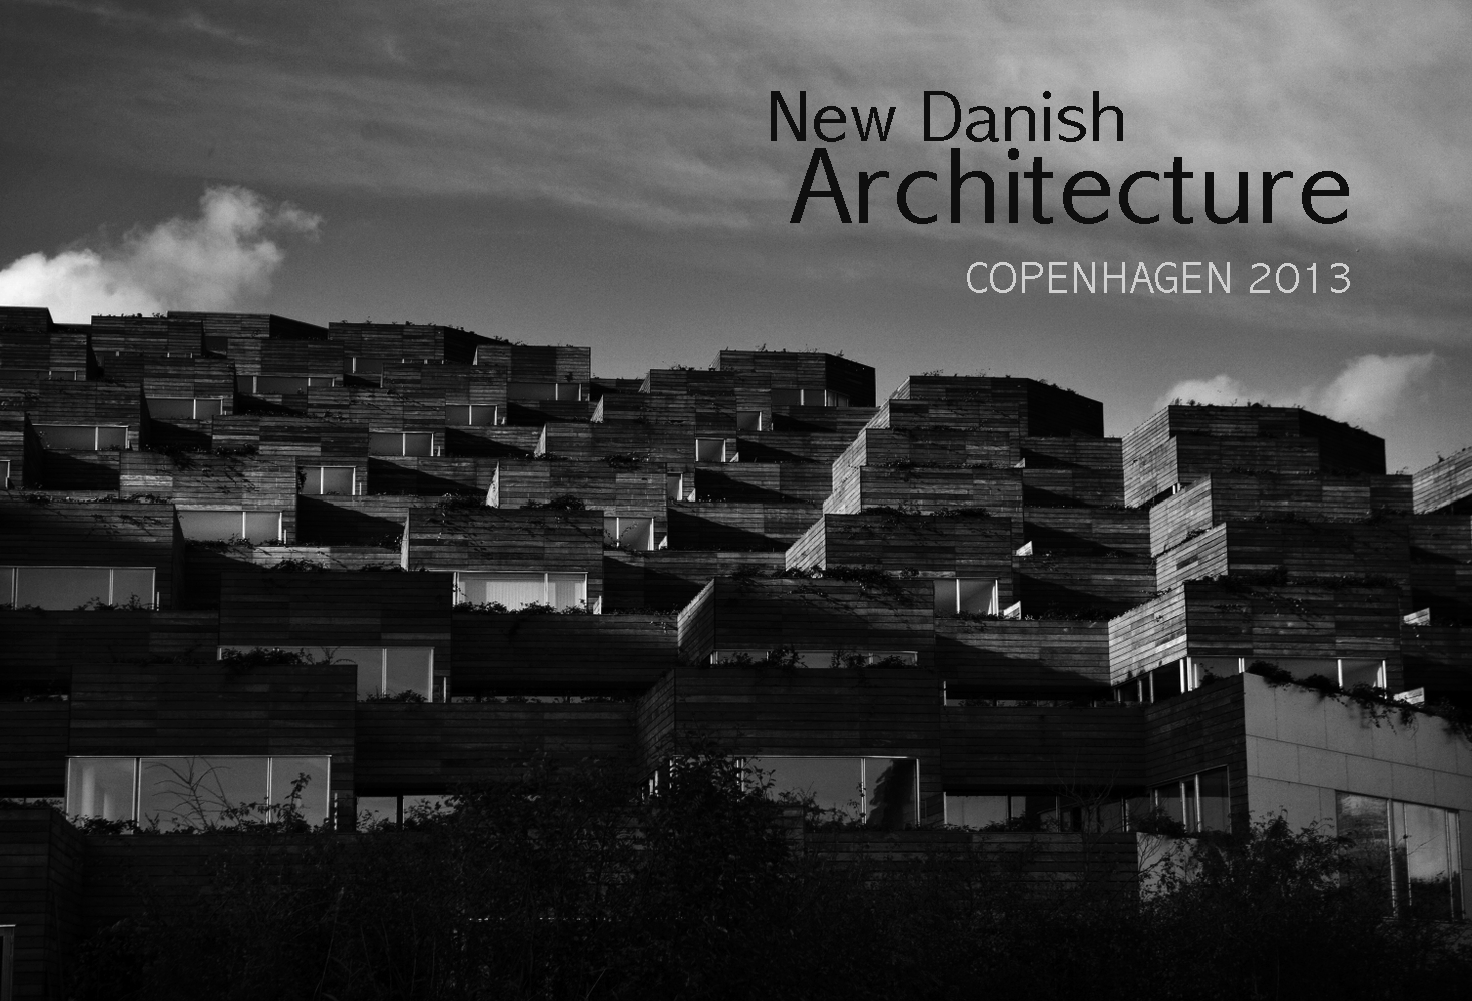 New Danish Architecture